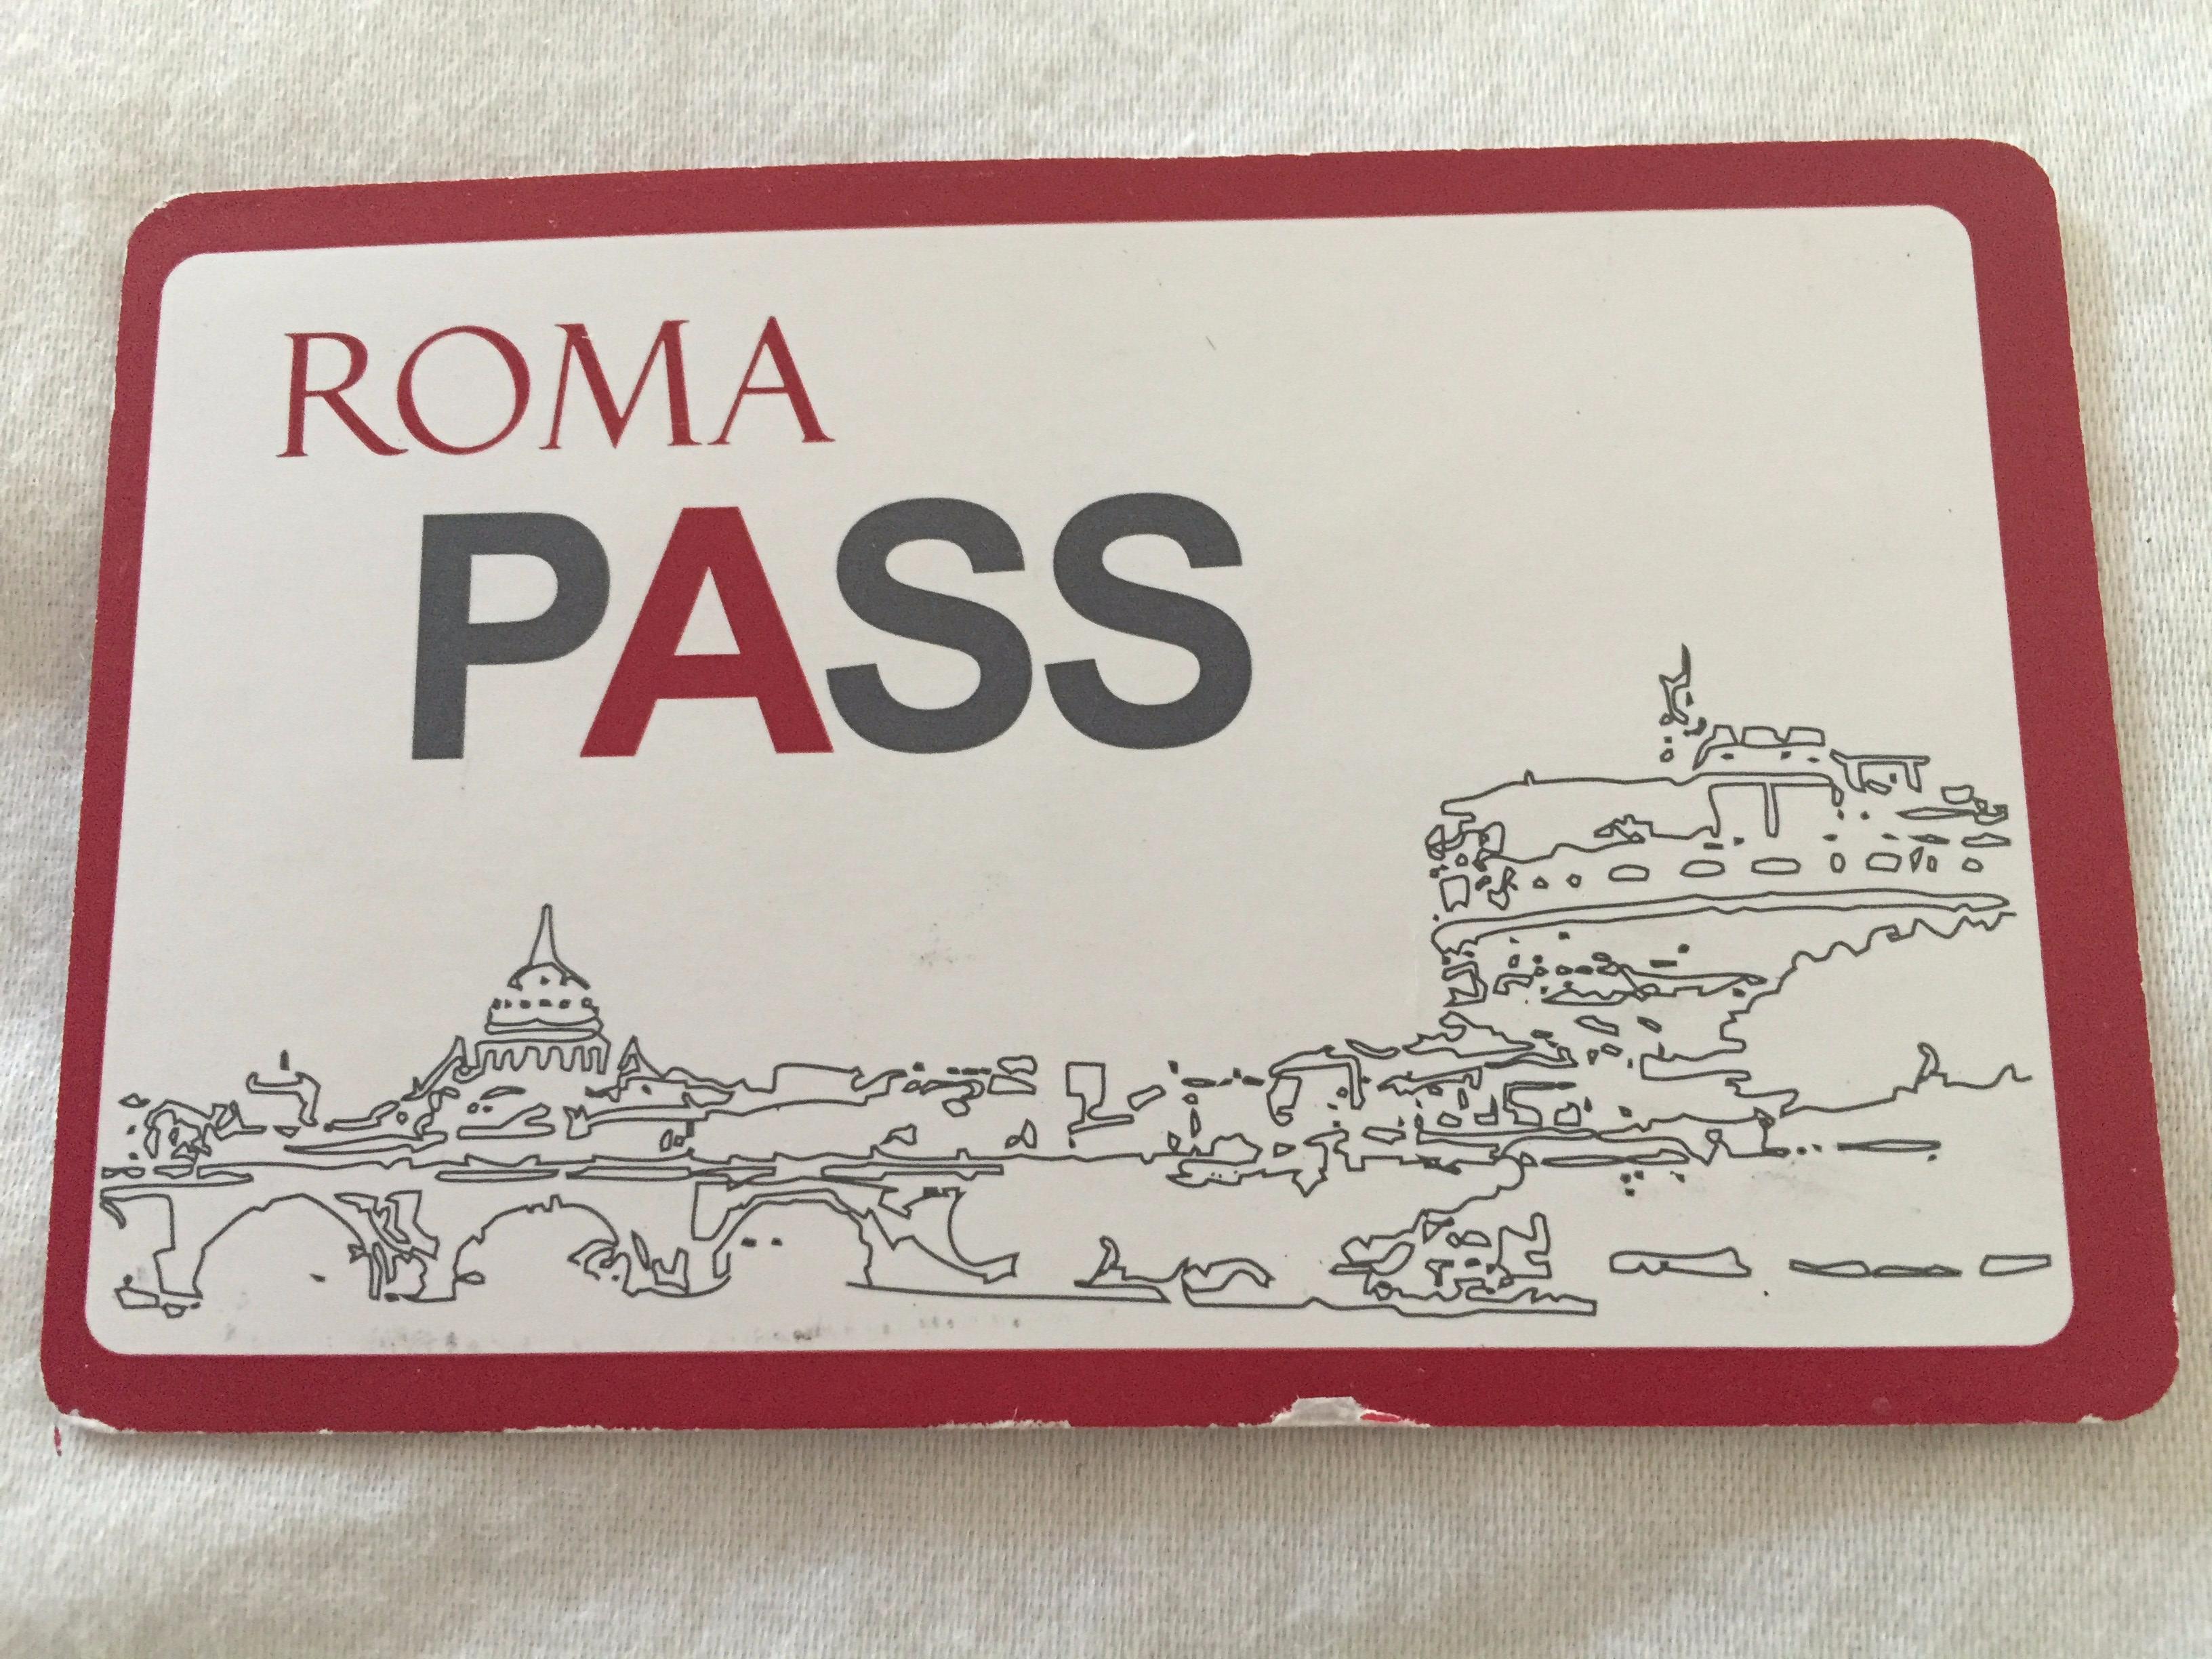 img 4918 e1489443986691 - La Roma Pass ¿Qué es, para que sirve y como usarla?